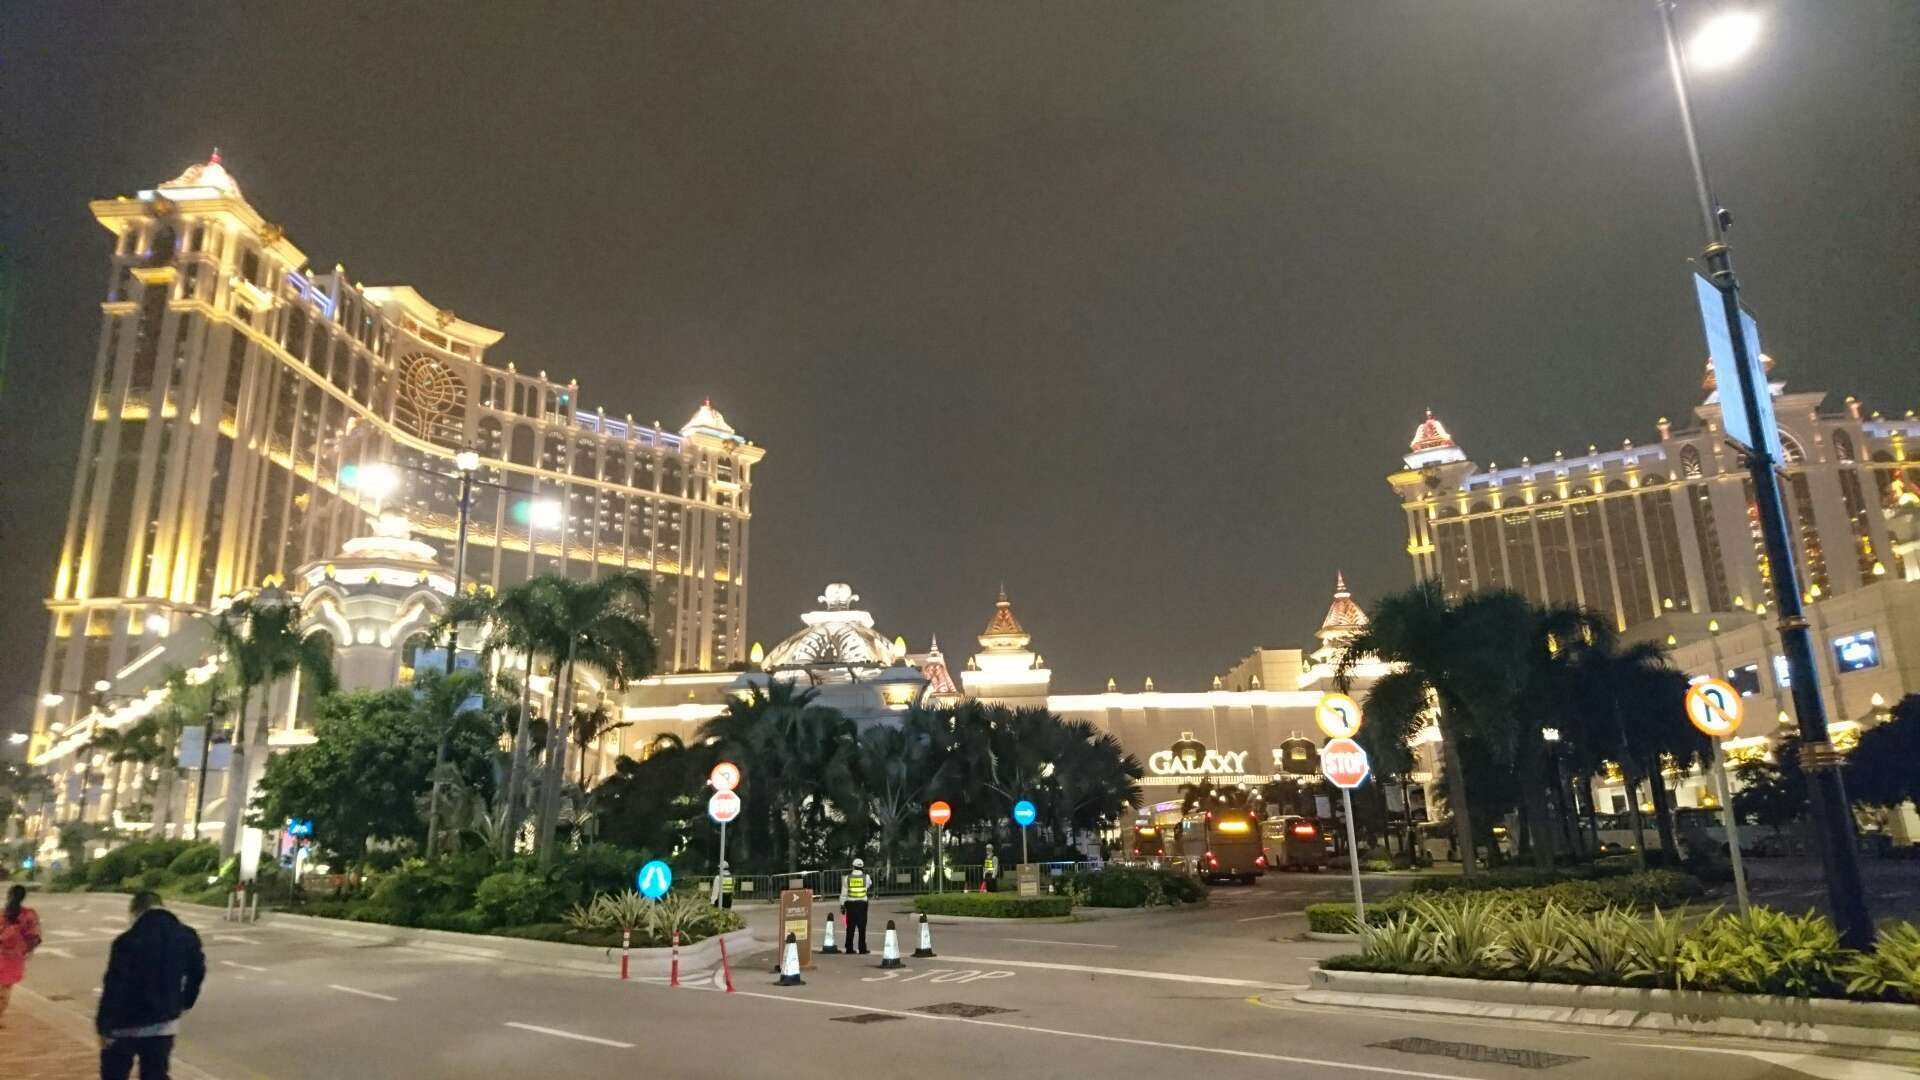 澳门银河酒店_澳门银河酒店(galaxy hotel)